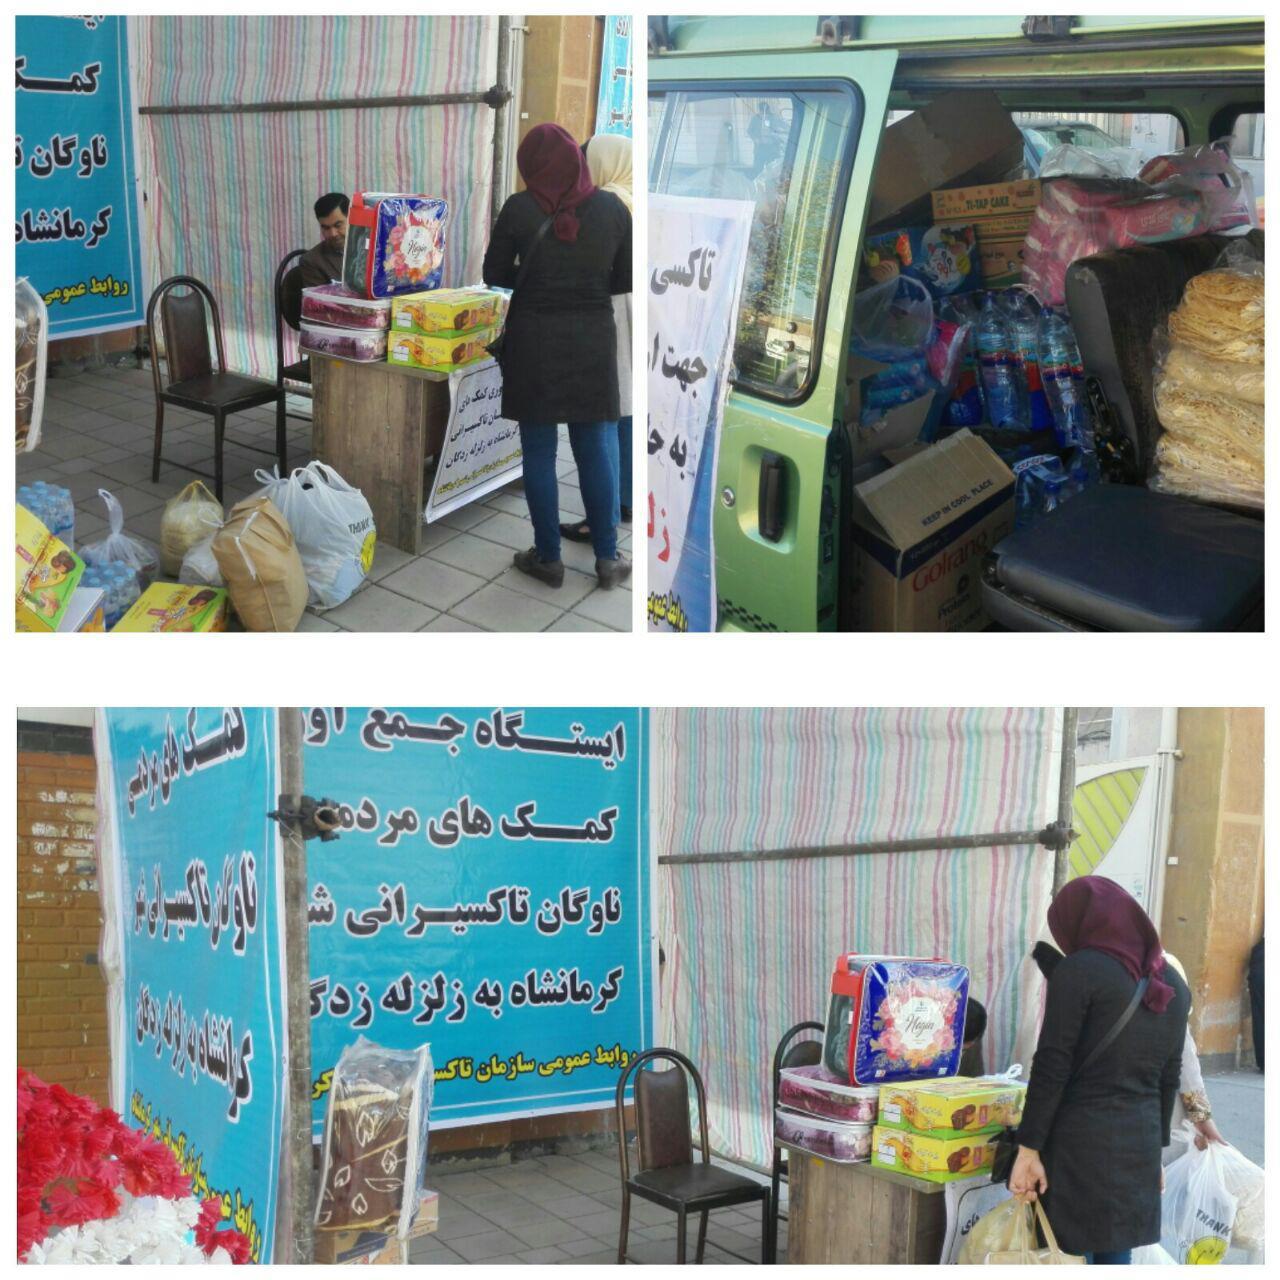  سازمان تاکسیرانی کرمانشاه آماده دریافت کمک های مردمی